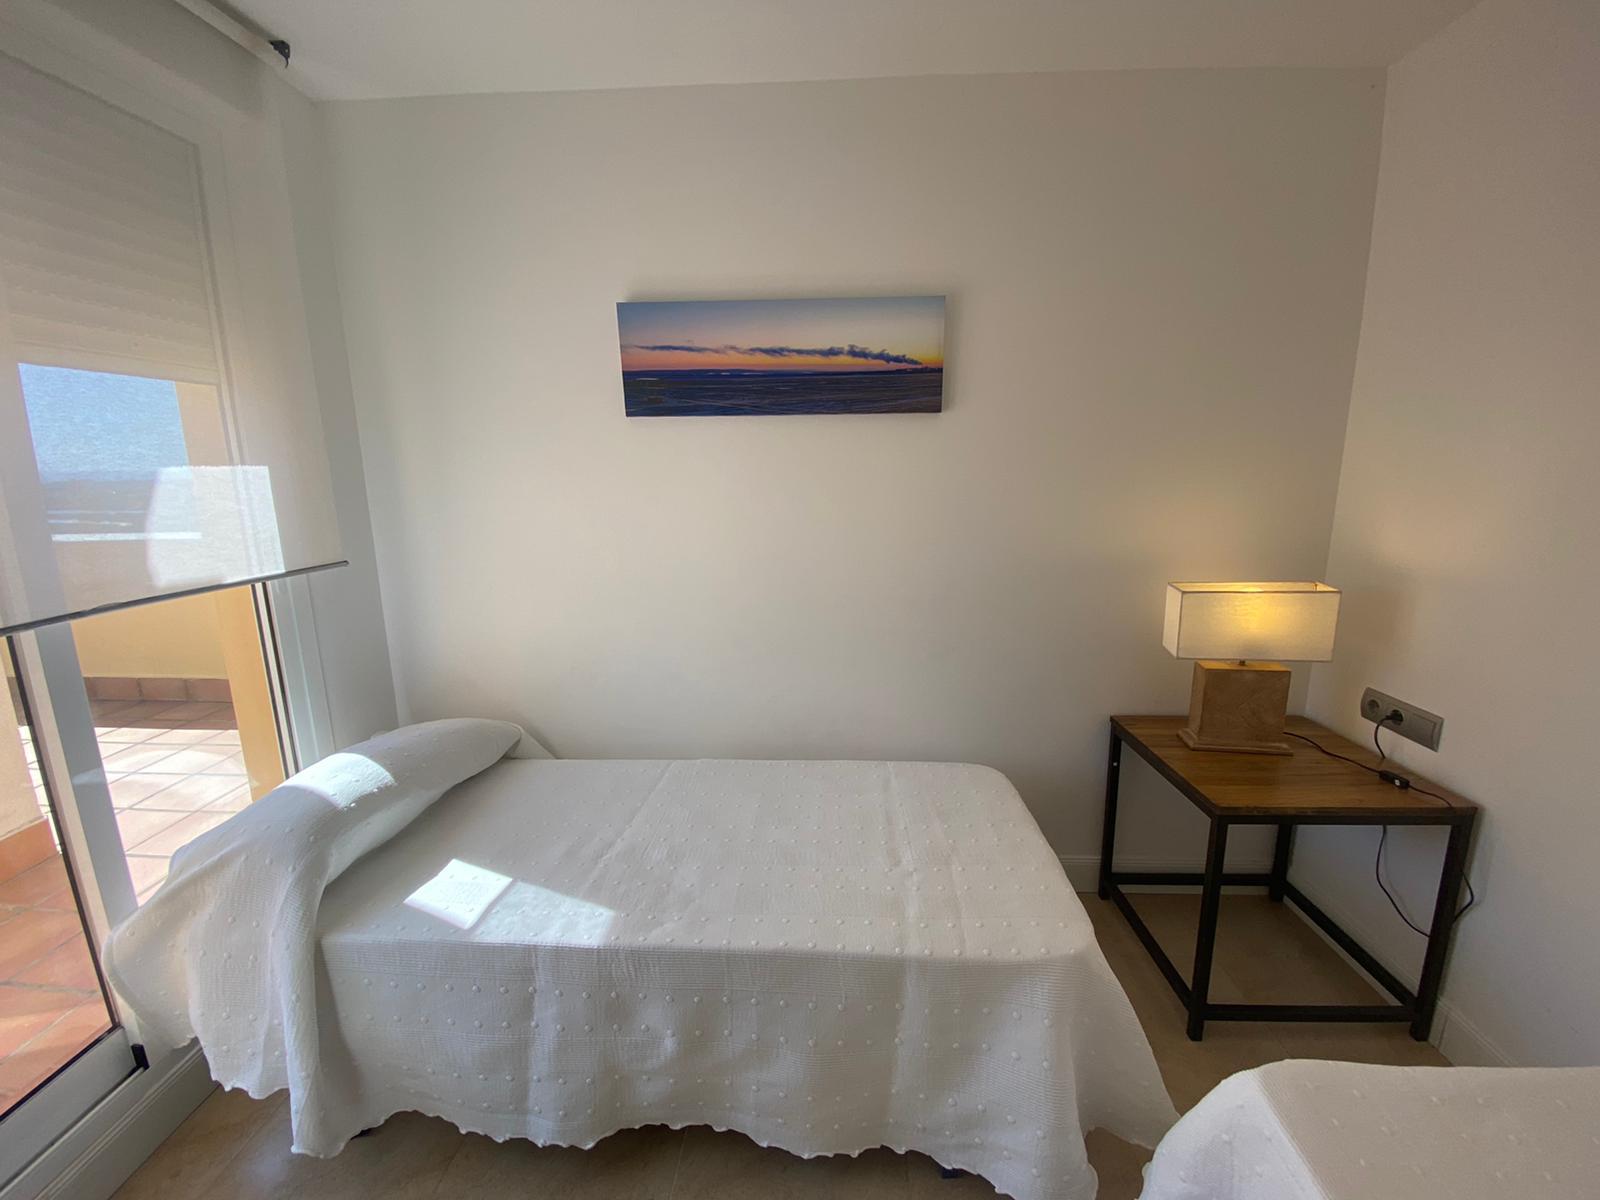 Imagen 28 del Apartamento Turístico, Ático 8 Central (3d+2b), Punta del Moral (HUELVA), Paseo de la Cruz nº22